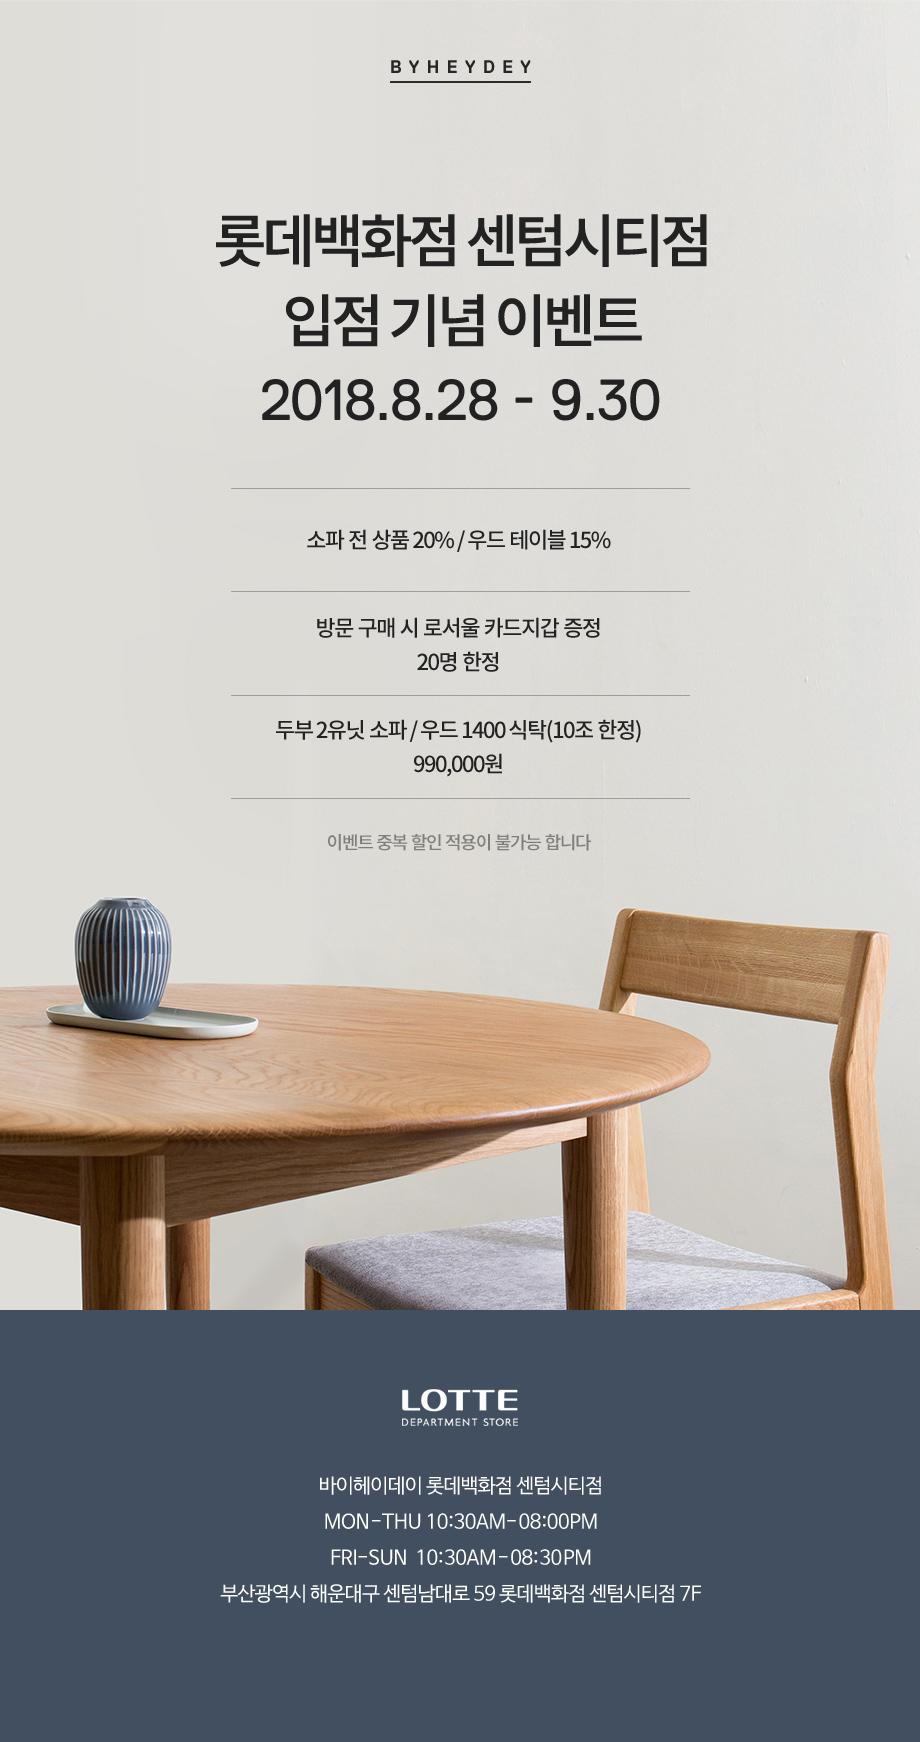 롯데백화점 센텀점 입점 기념 이벤트 2018.8.28 - 2018.9.30